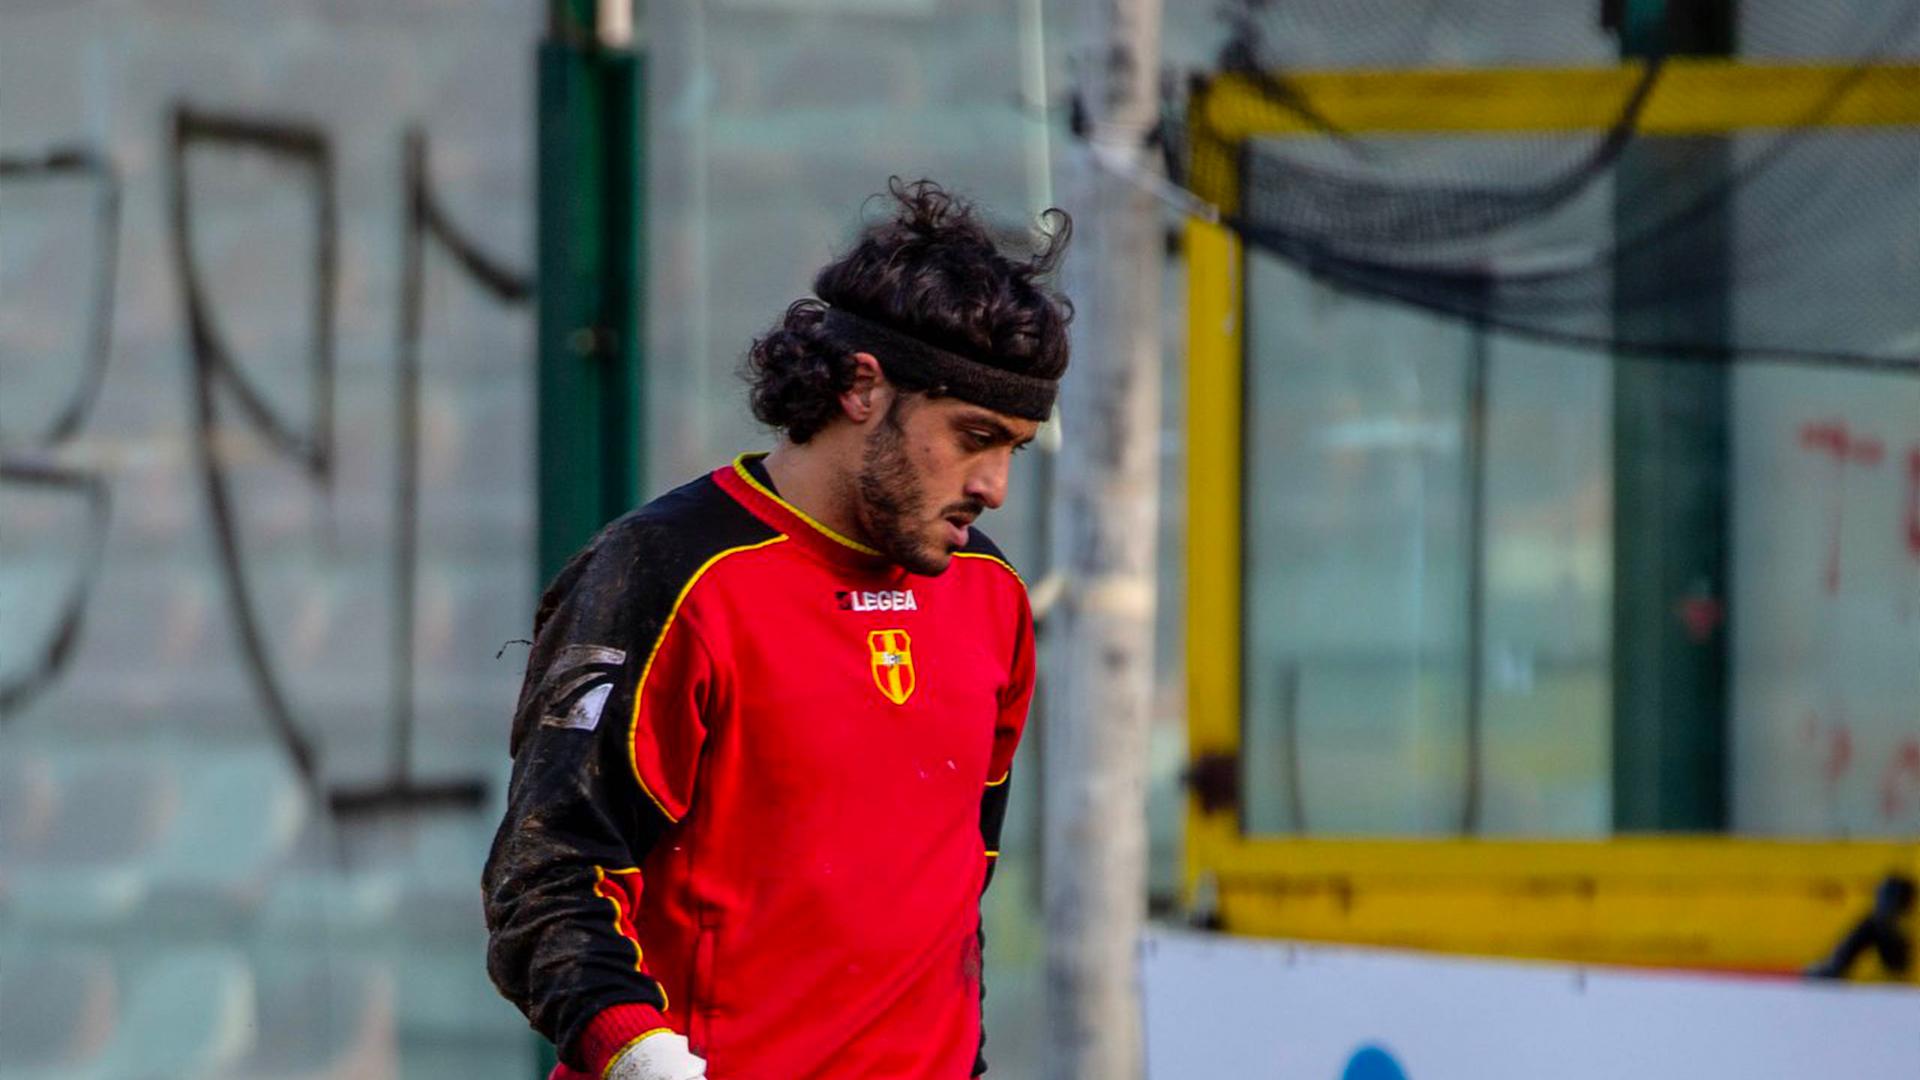 Beach Soccer: l'estremo difensore Seba Paterniti convocato all'Europeo in Portogallo